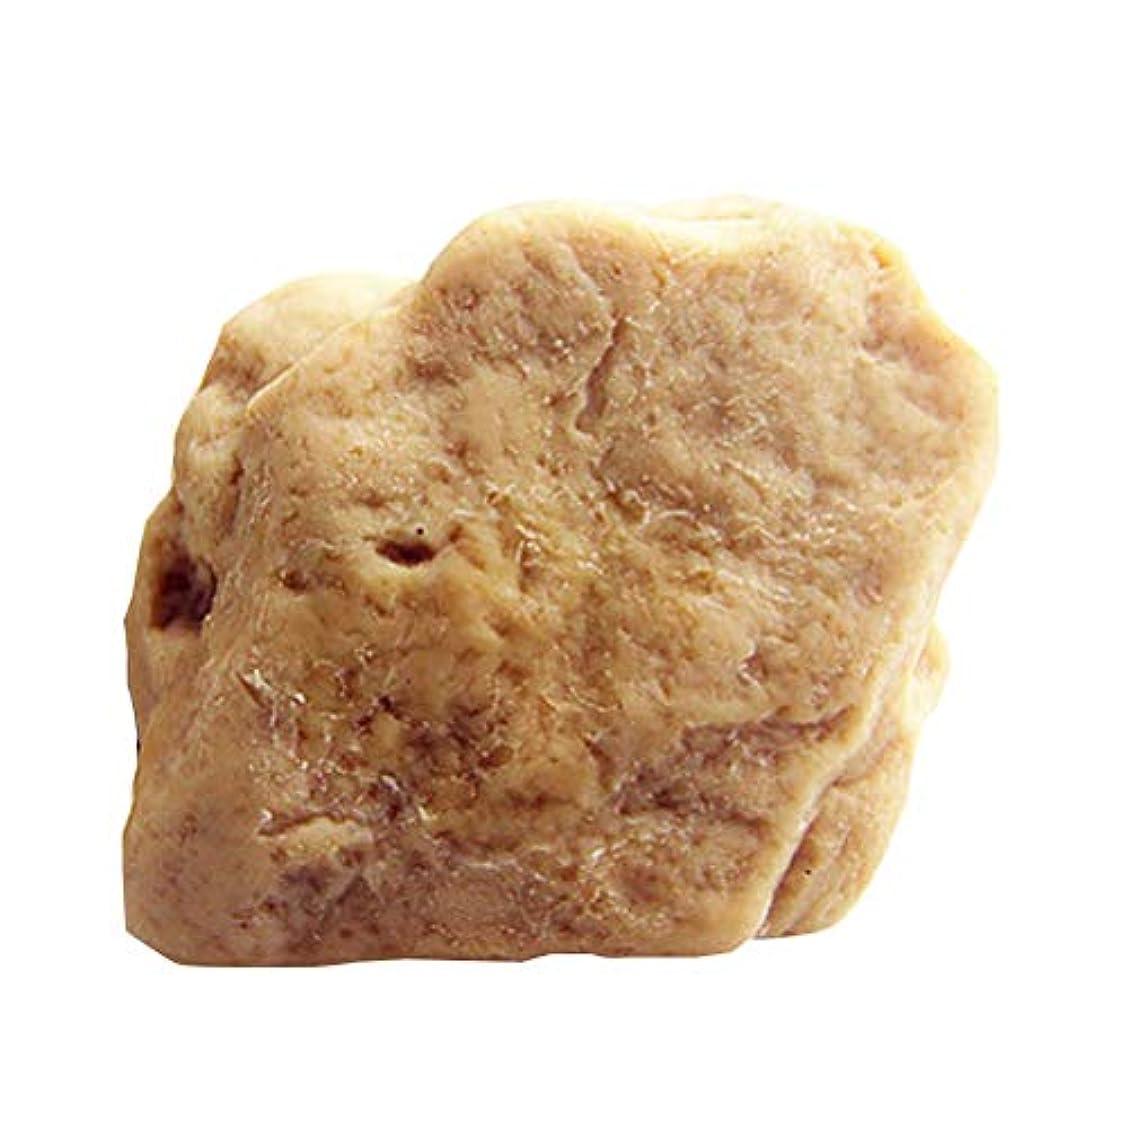 ファンテレマコスバルコニーCreacom オリーブオイル 石鹸 肌に優しい無添加 毛穴 対策 洗顔石鹸 保湿 固形 毛穴 黒ずみ 肌荒れ くすみ ニキビ 美白 美肌 角質除去 肌荒れ 乾燥肌 オイル肌 混合肌 対策 全身可能